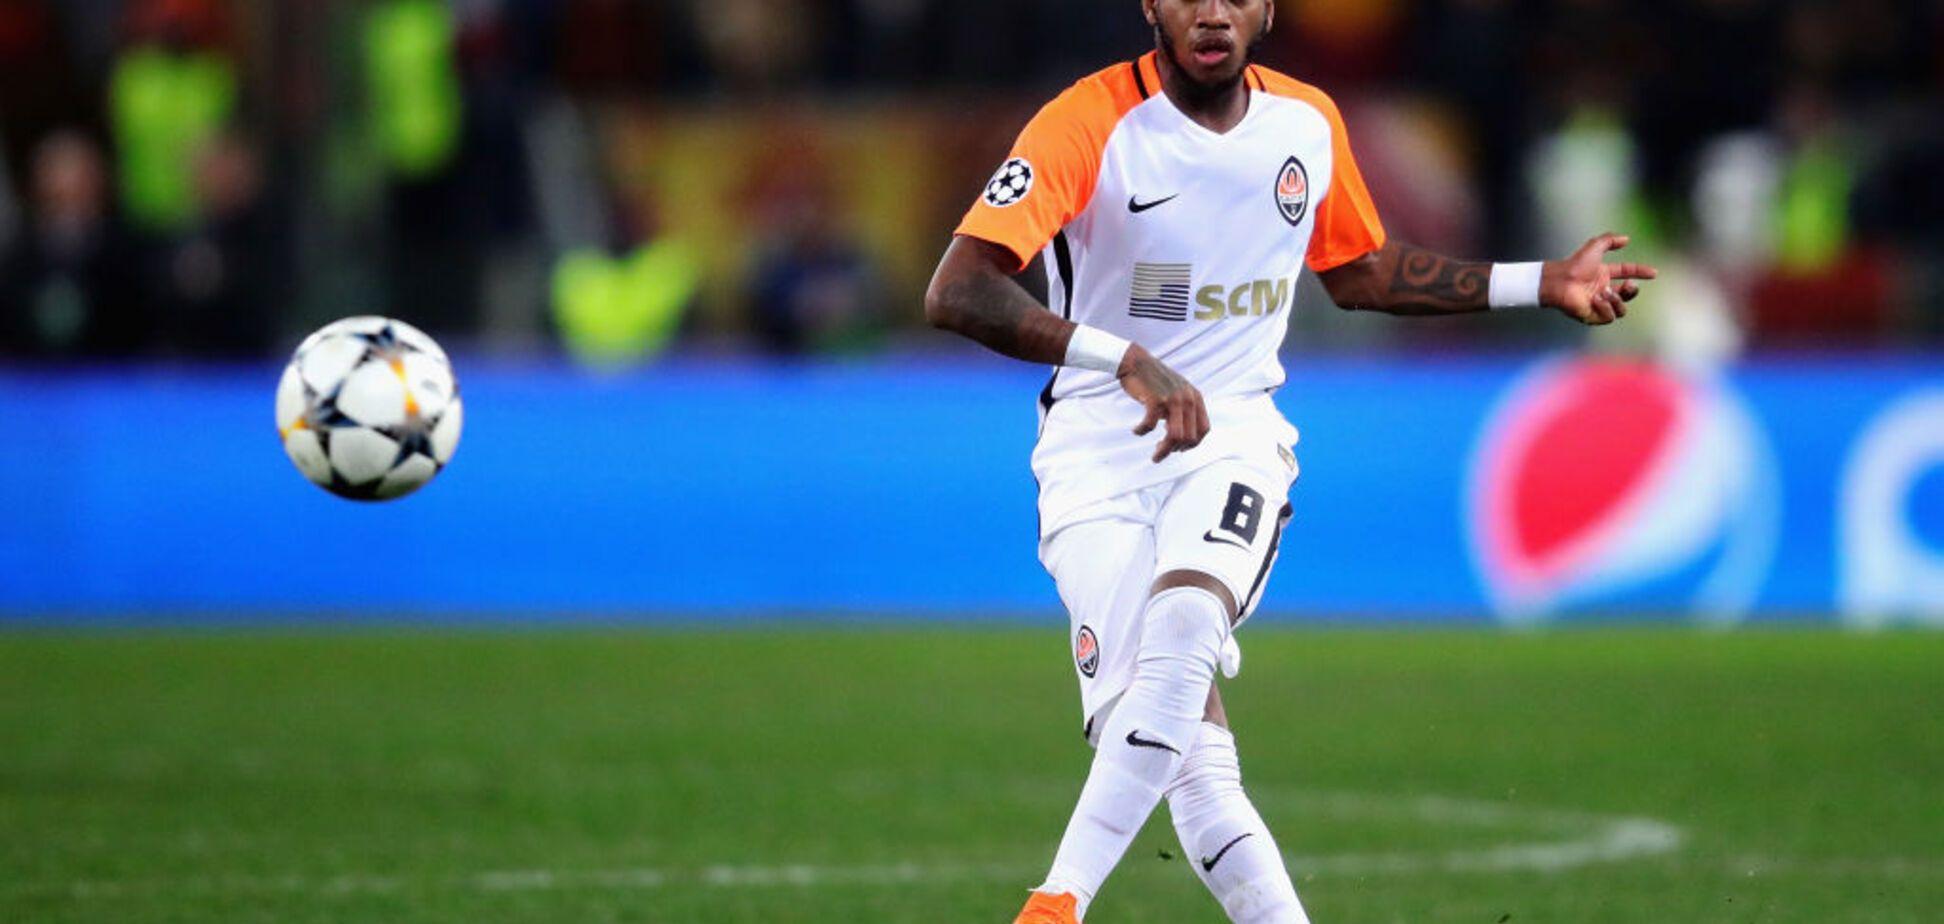 'Шахтар' відпускає лідера: названо новий клуб футболіста